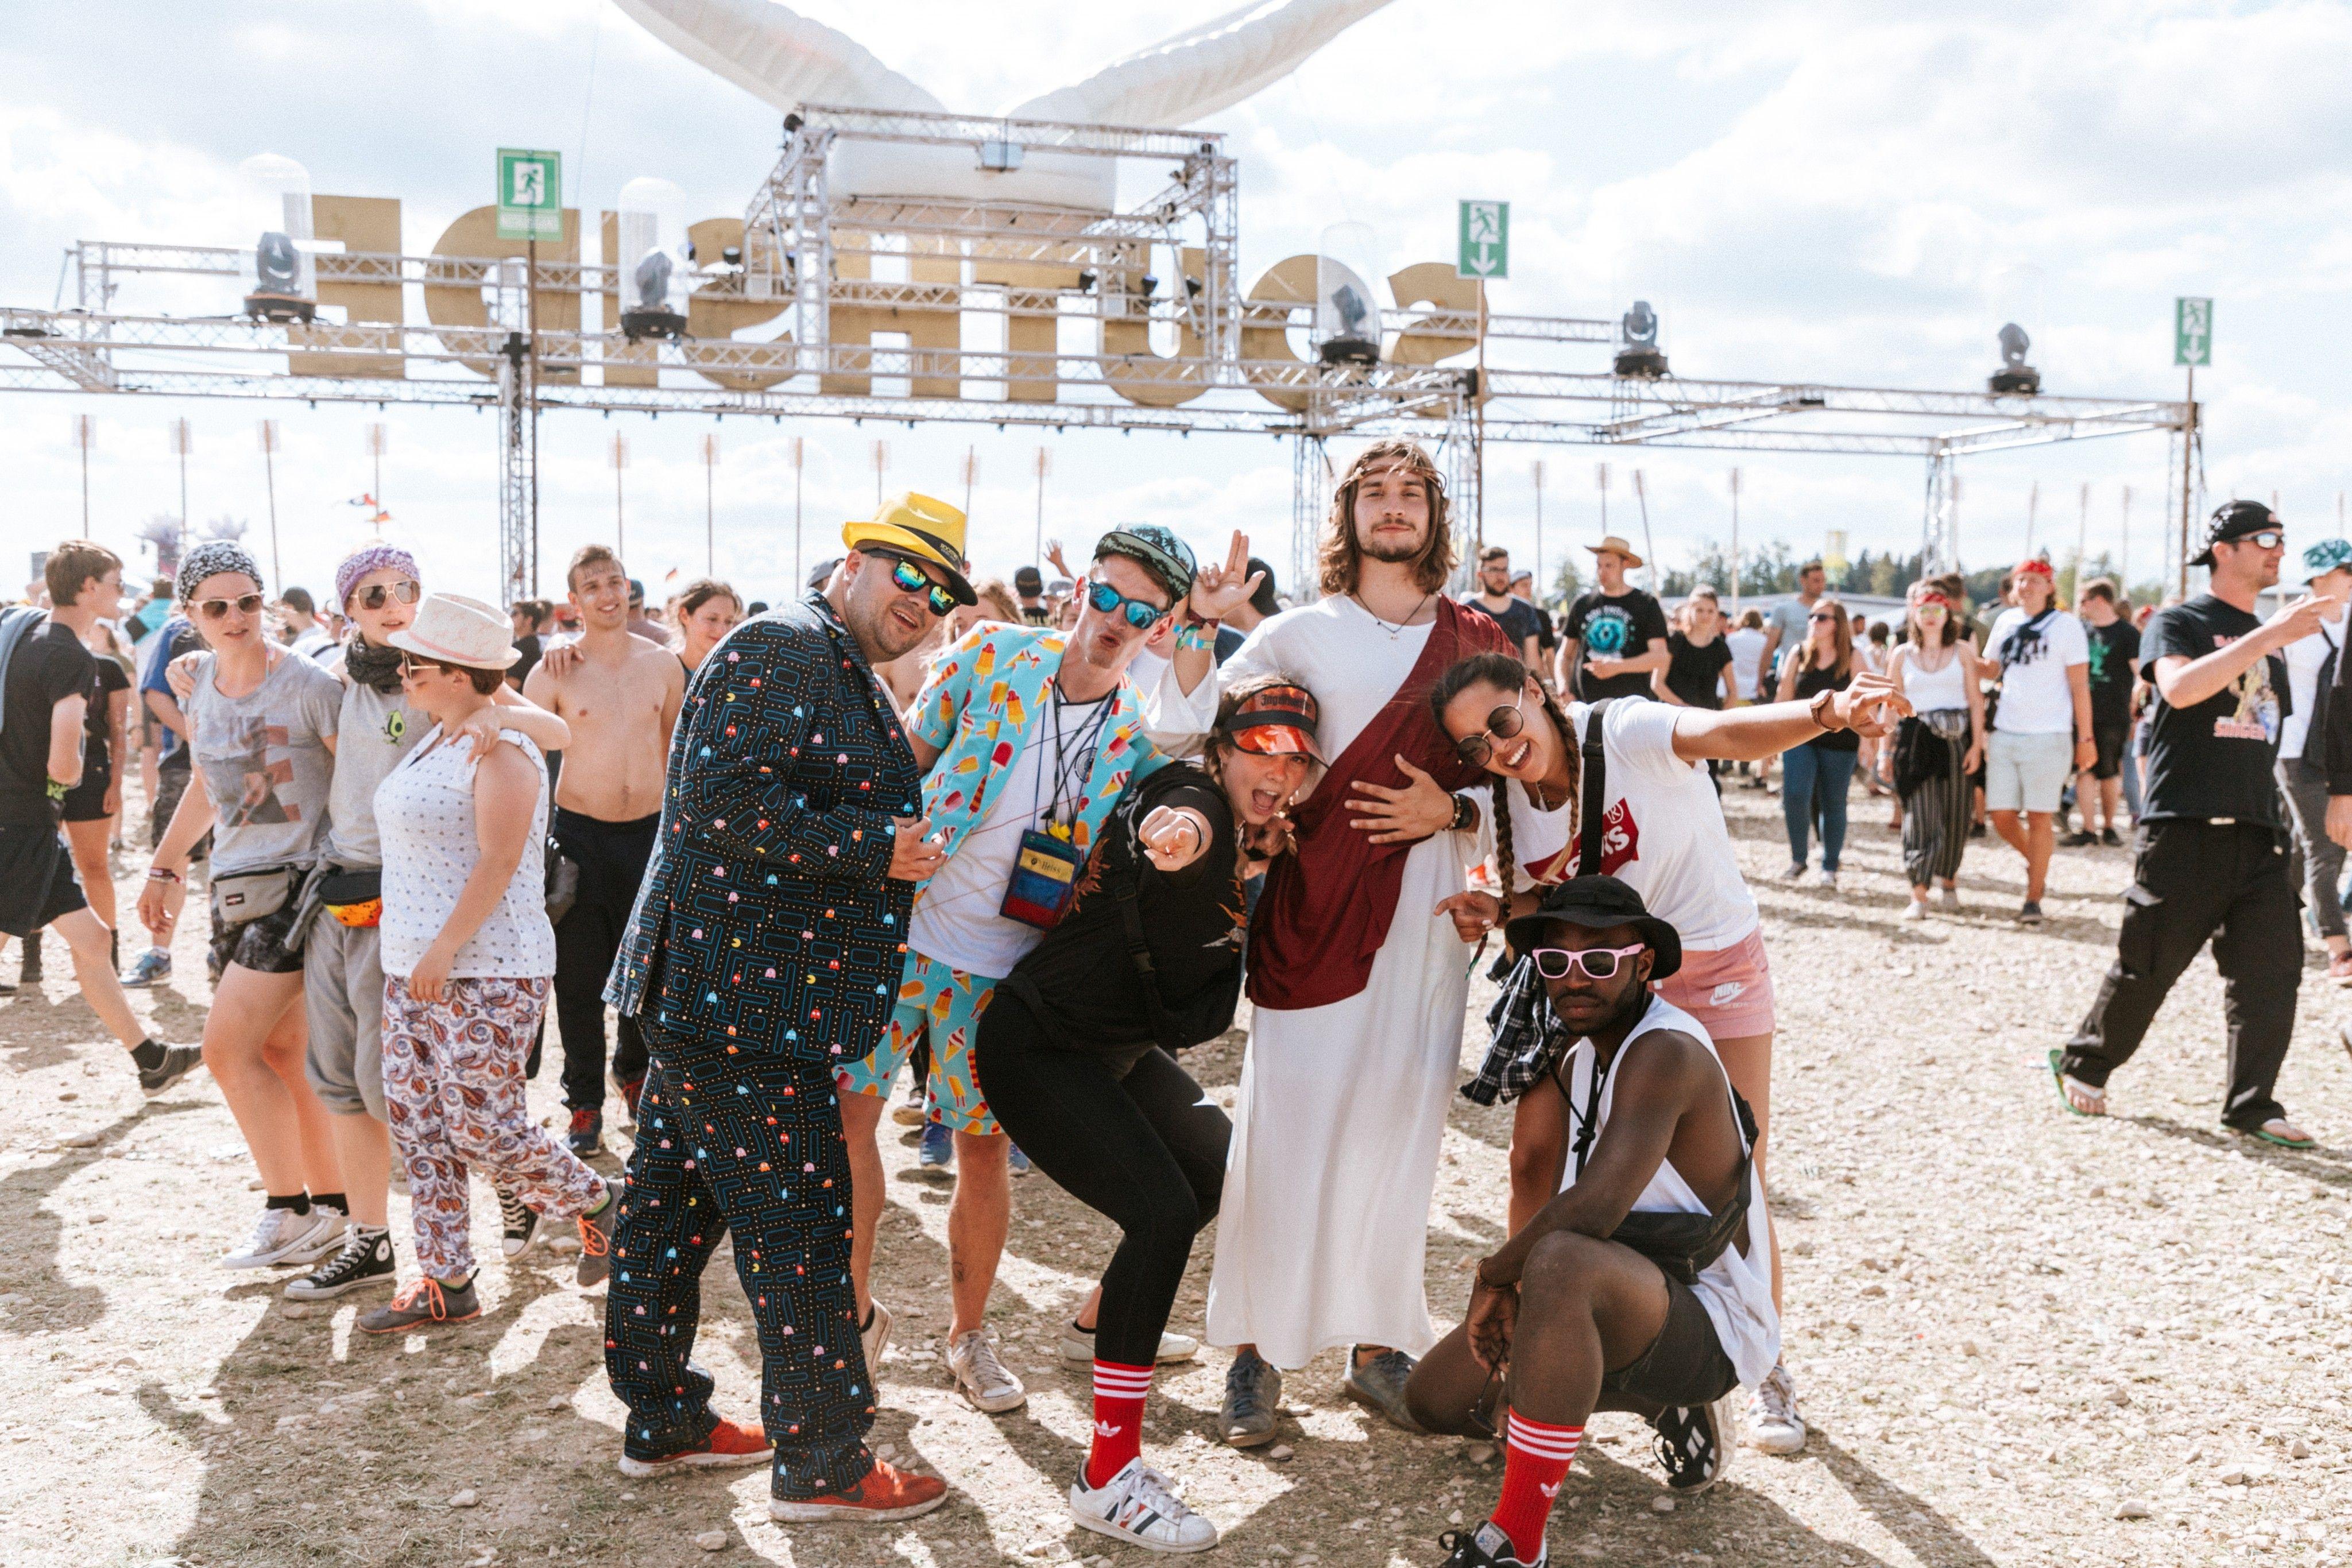 Das Southside Festival steht in den Startlöchern